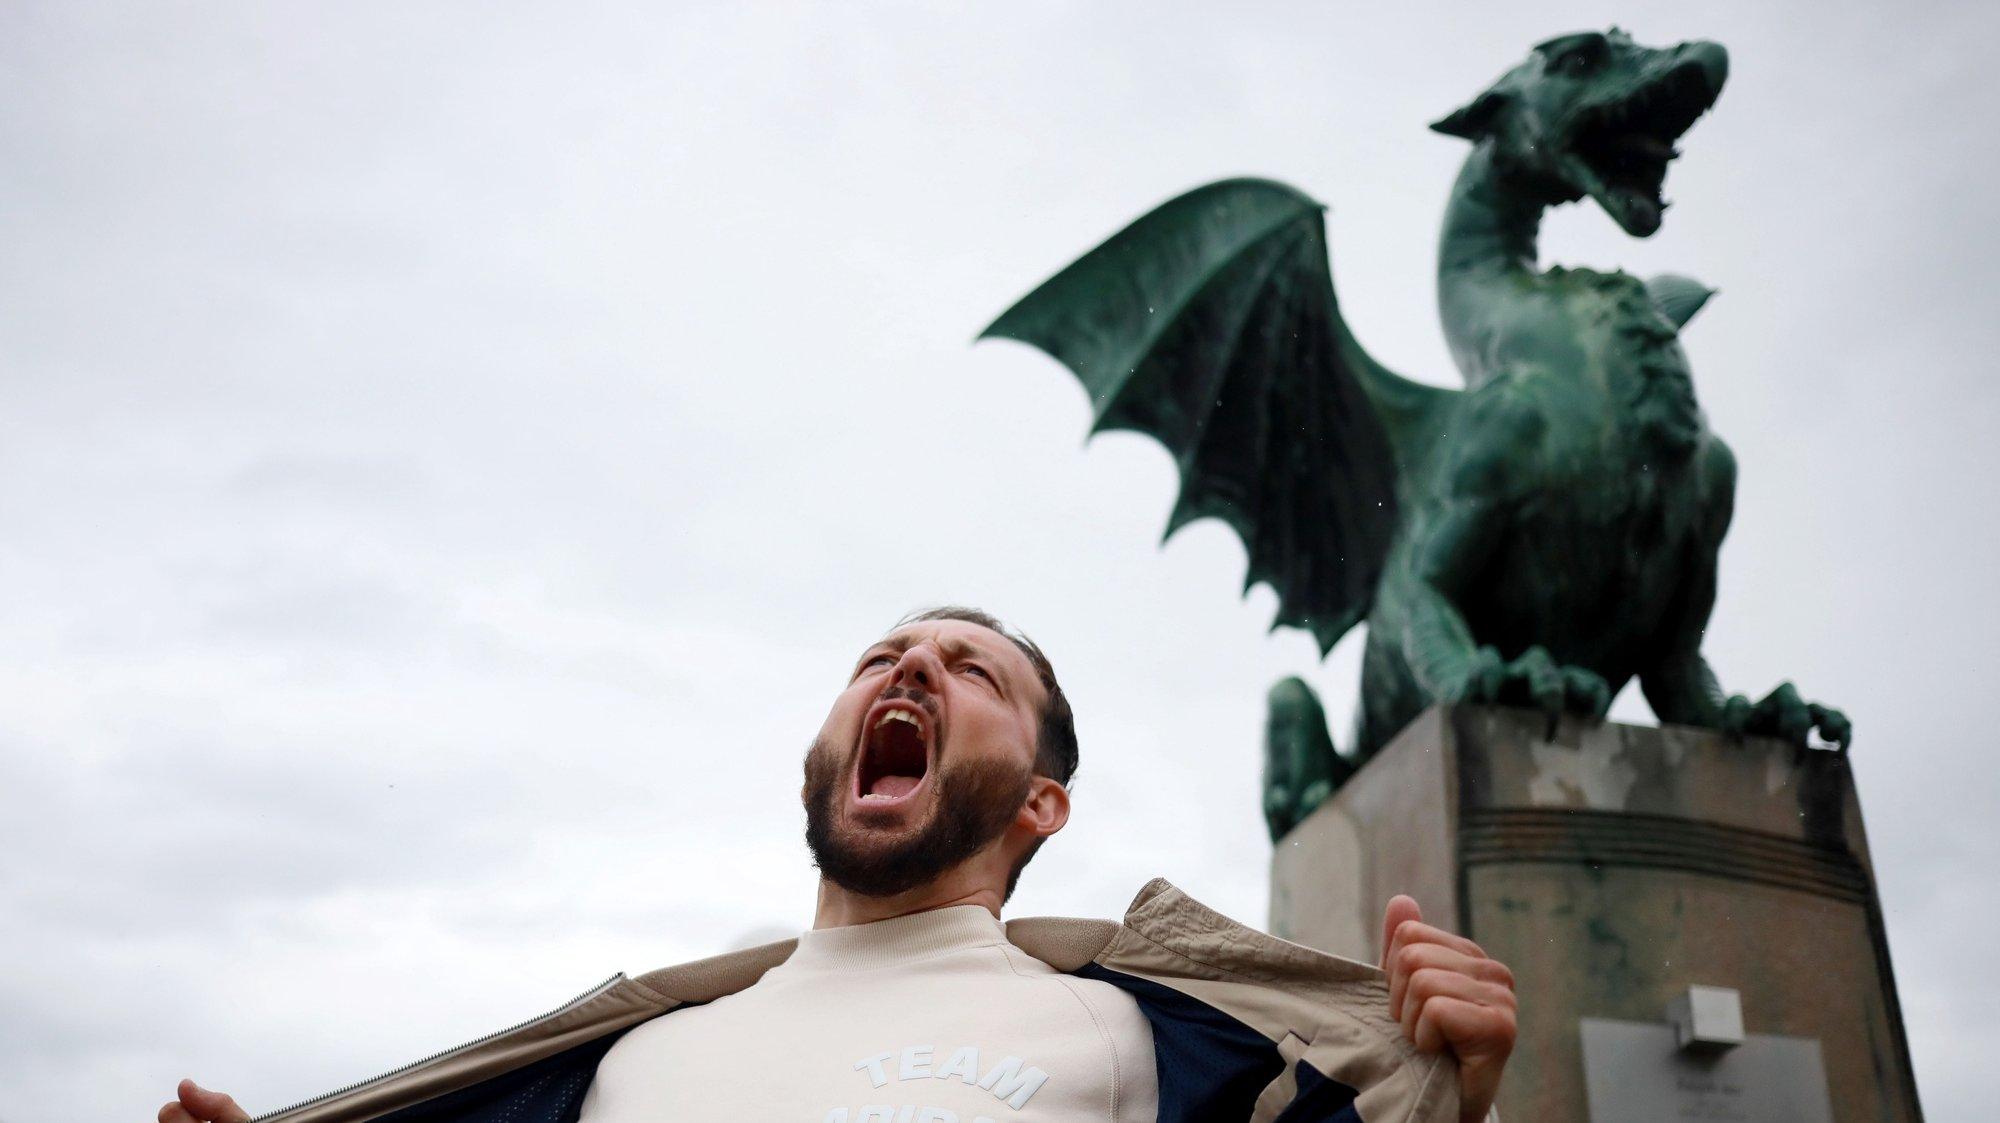 """Zlatan Cordic, rapper conhecido por """"Zlatko"""" na Eslovénia, alega que o Governo tentou retirar-lhe subsídios de segurança social devido às suas canções de intervenção e posições políticas, em Ljubljana, Eslovénia, 29 de maio de 2021. Portugal exerce atualmente, até ao fim de junho, a presidência do Conselho da União Europeia e a partir de julho caberá à Eslovénia. (ACOMPANHA TEXTO DA LUSA DO DIA 26 DE JUNHO DE 2021). ESTELA SILVA/LUSA"""